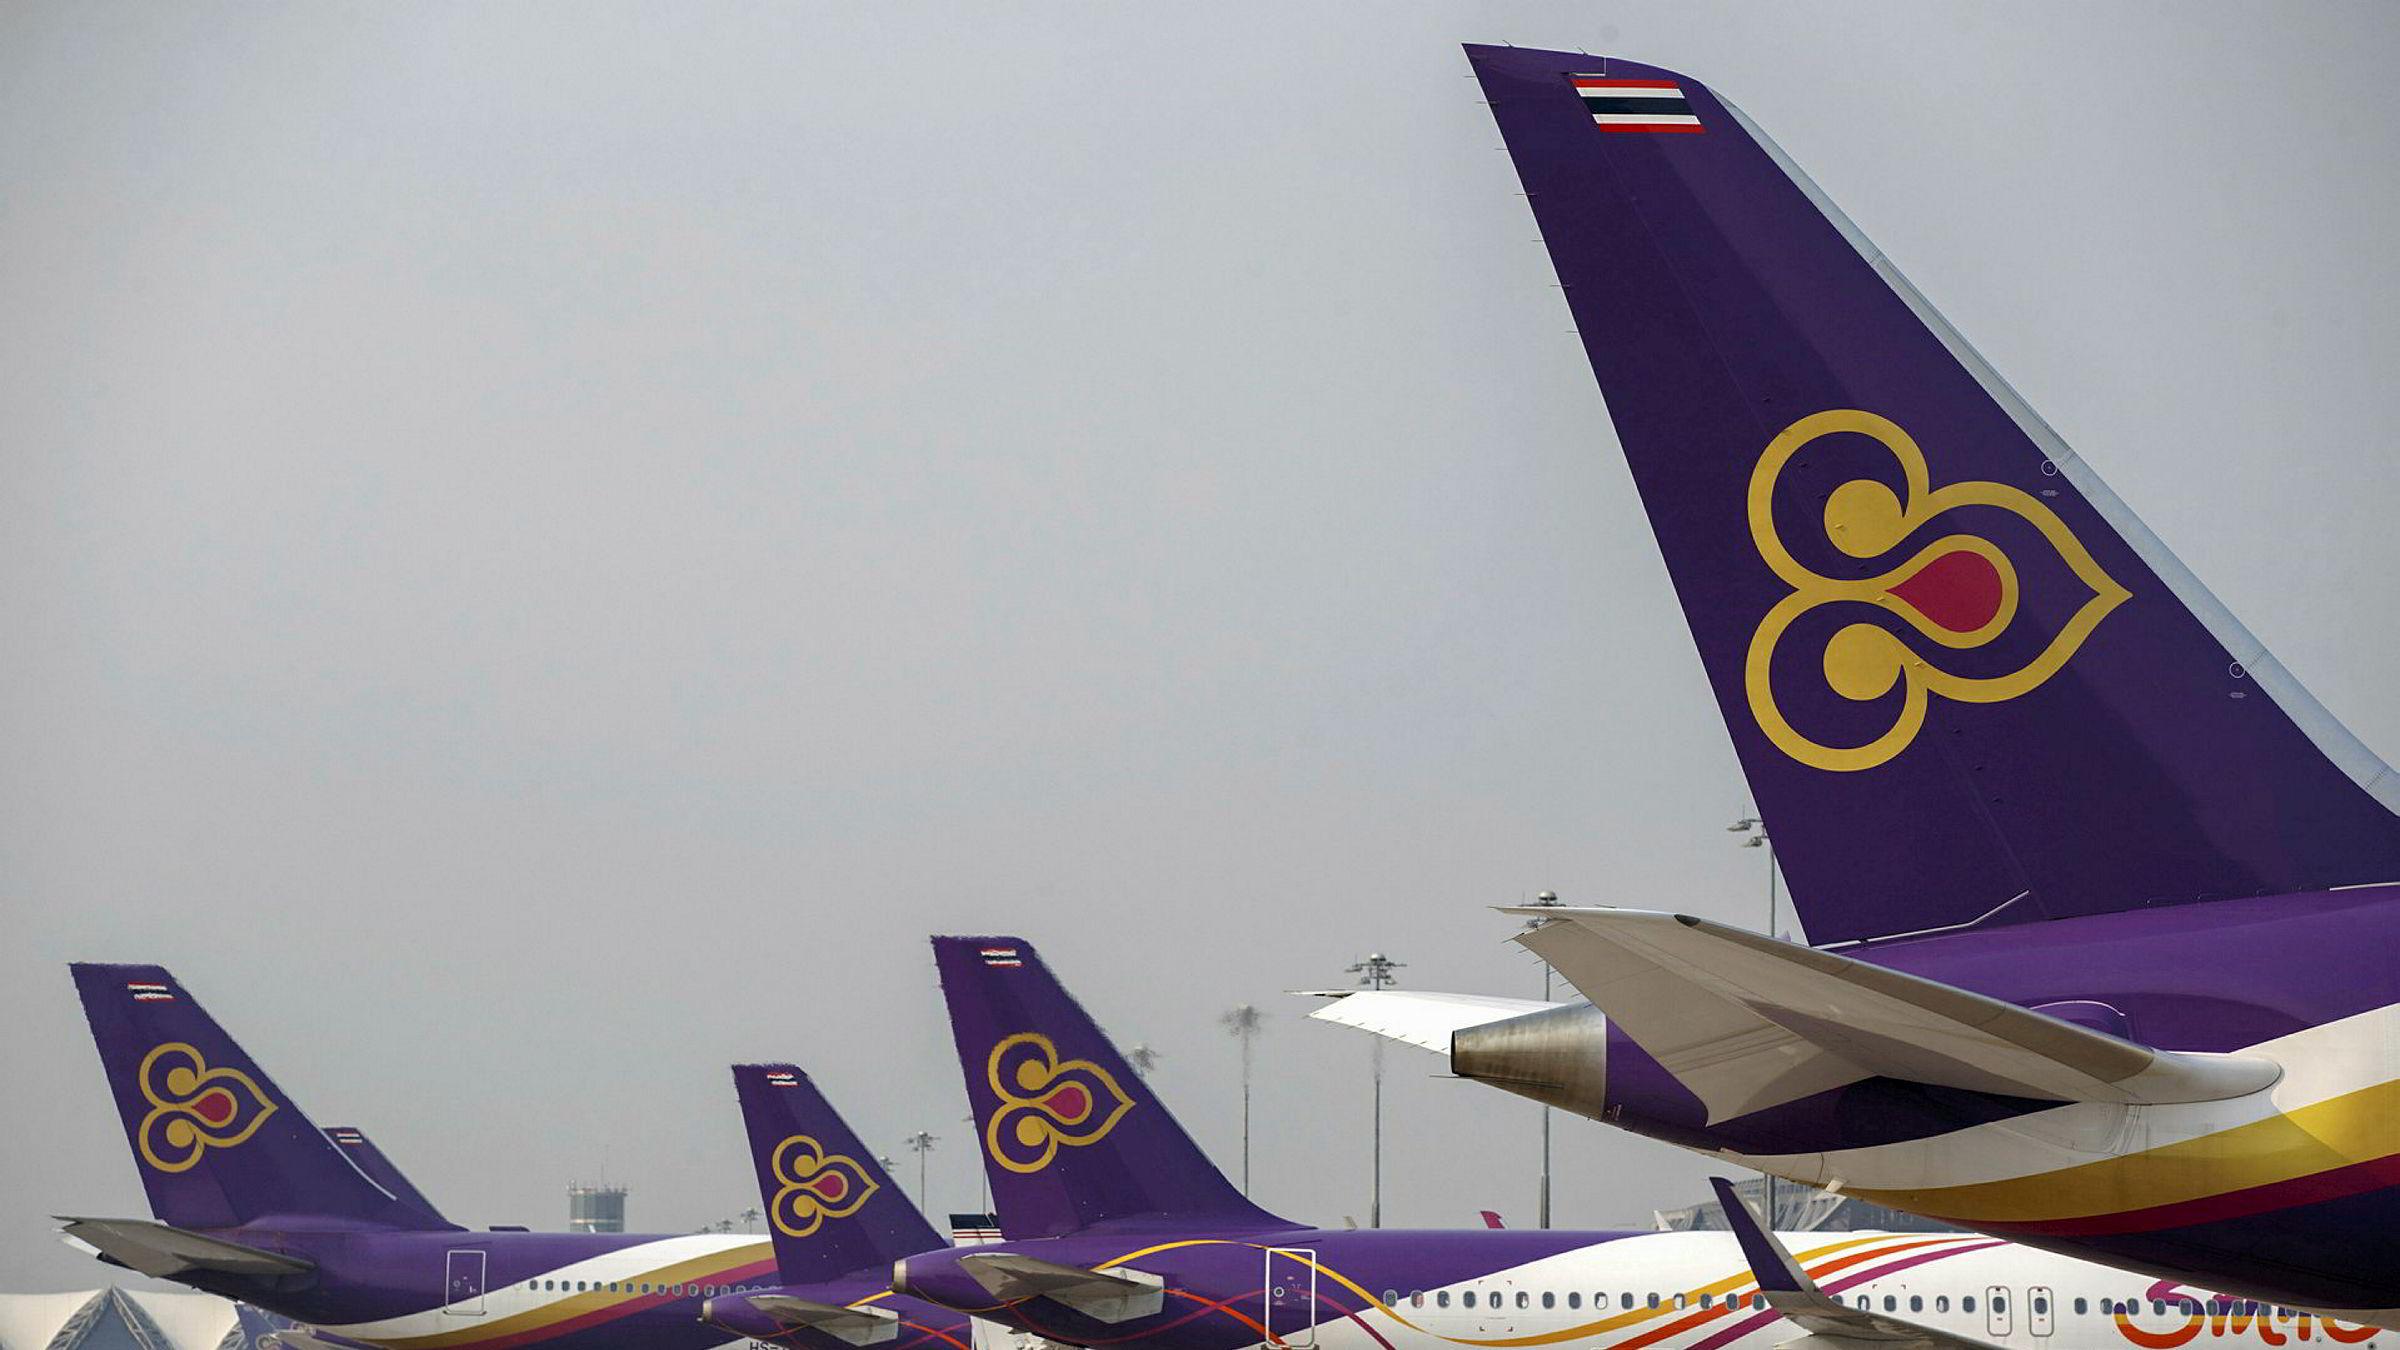 Thai Airways har samlede underskudd på over 80 milliarder kroner. 20 år etter at tradisjonelle flyselskaper måtte starte omstrukturering, har alvorets time kommet. – En virkelig krise, sier konsernsjefen.